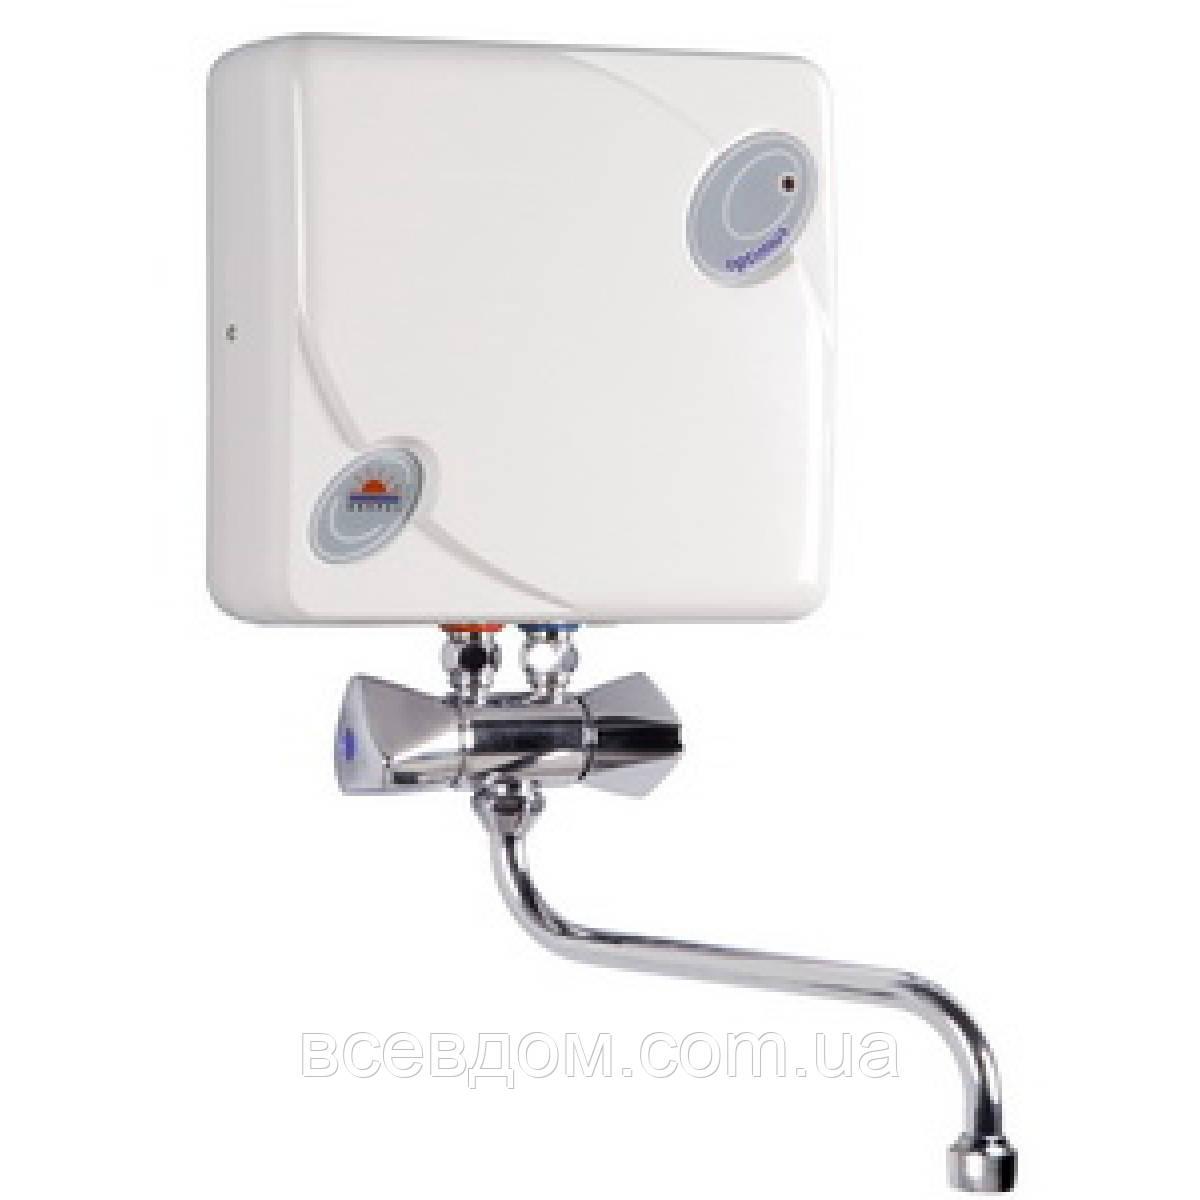 Проточный водонагреватель Kospel EPJ-4,4 Optimus